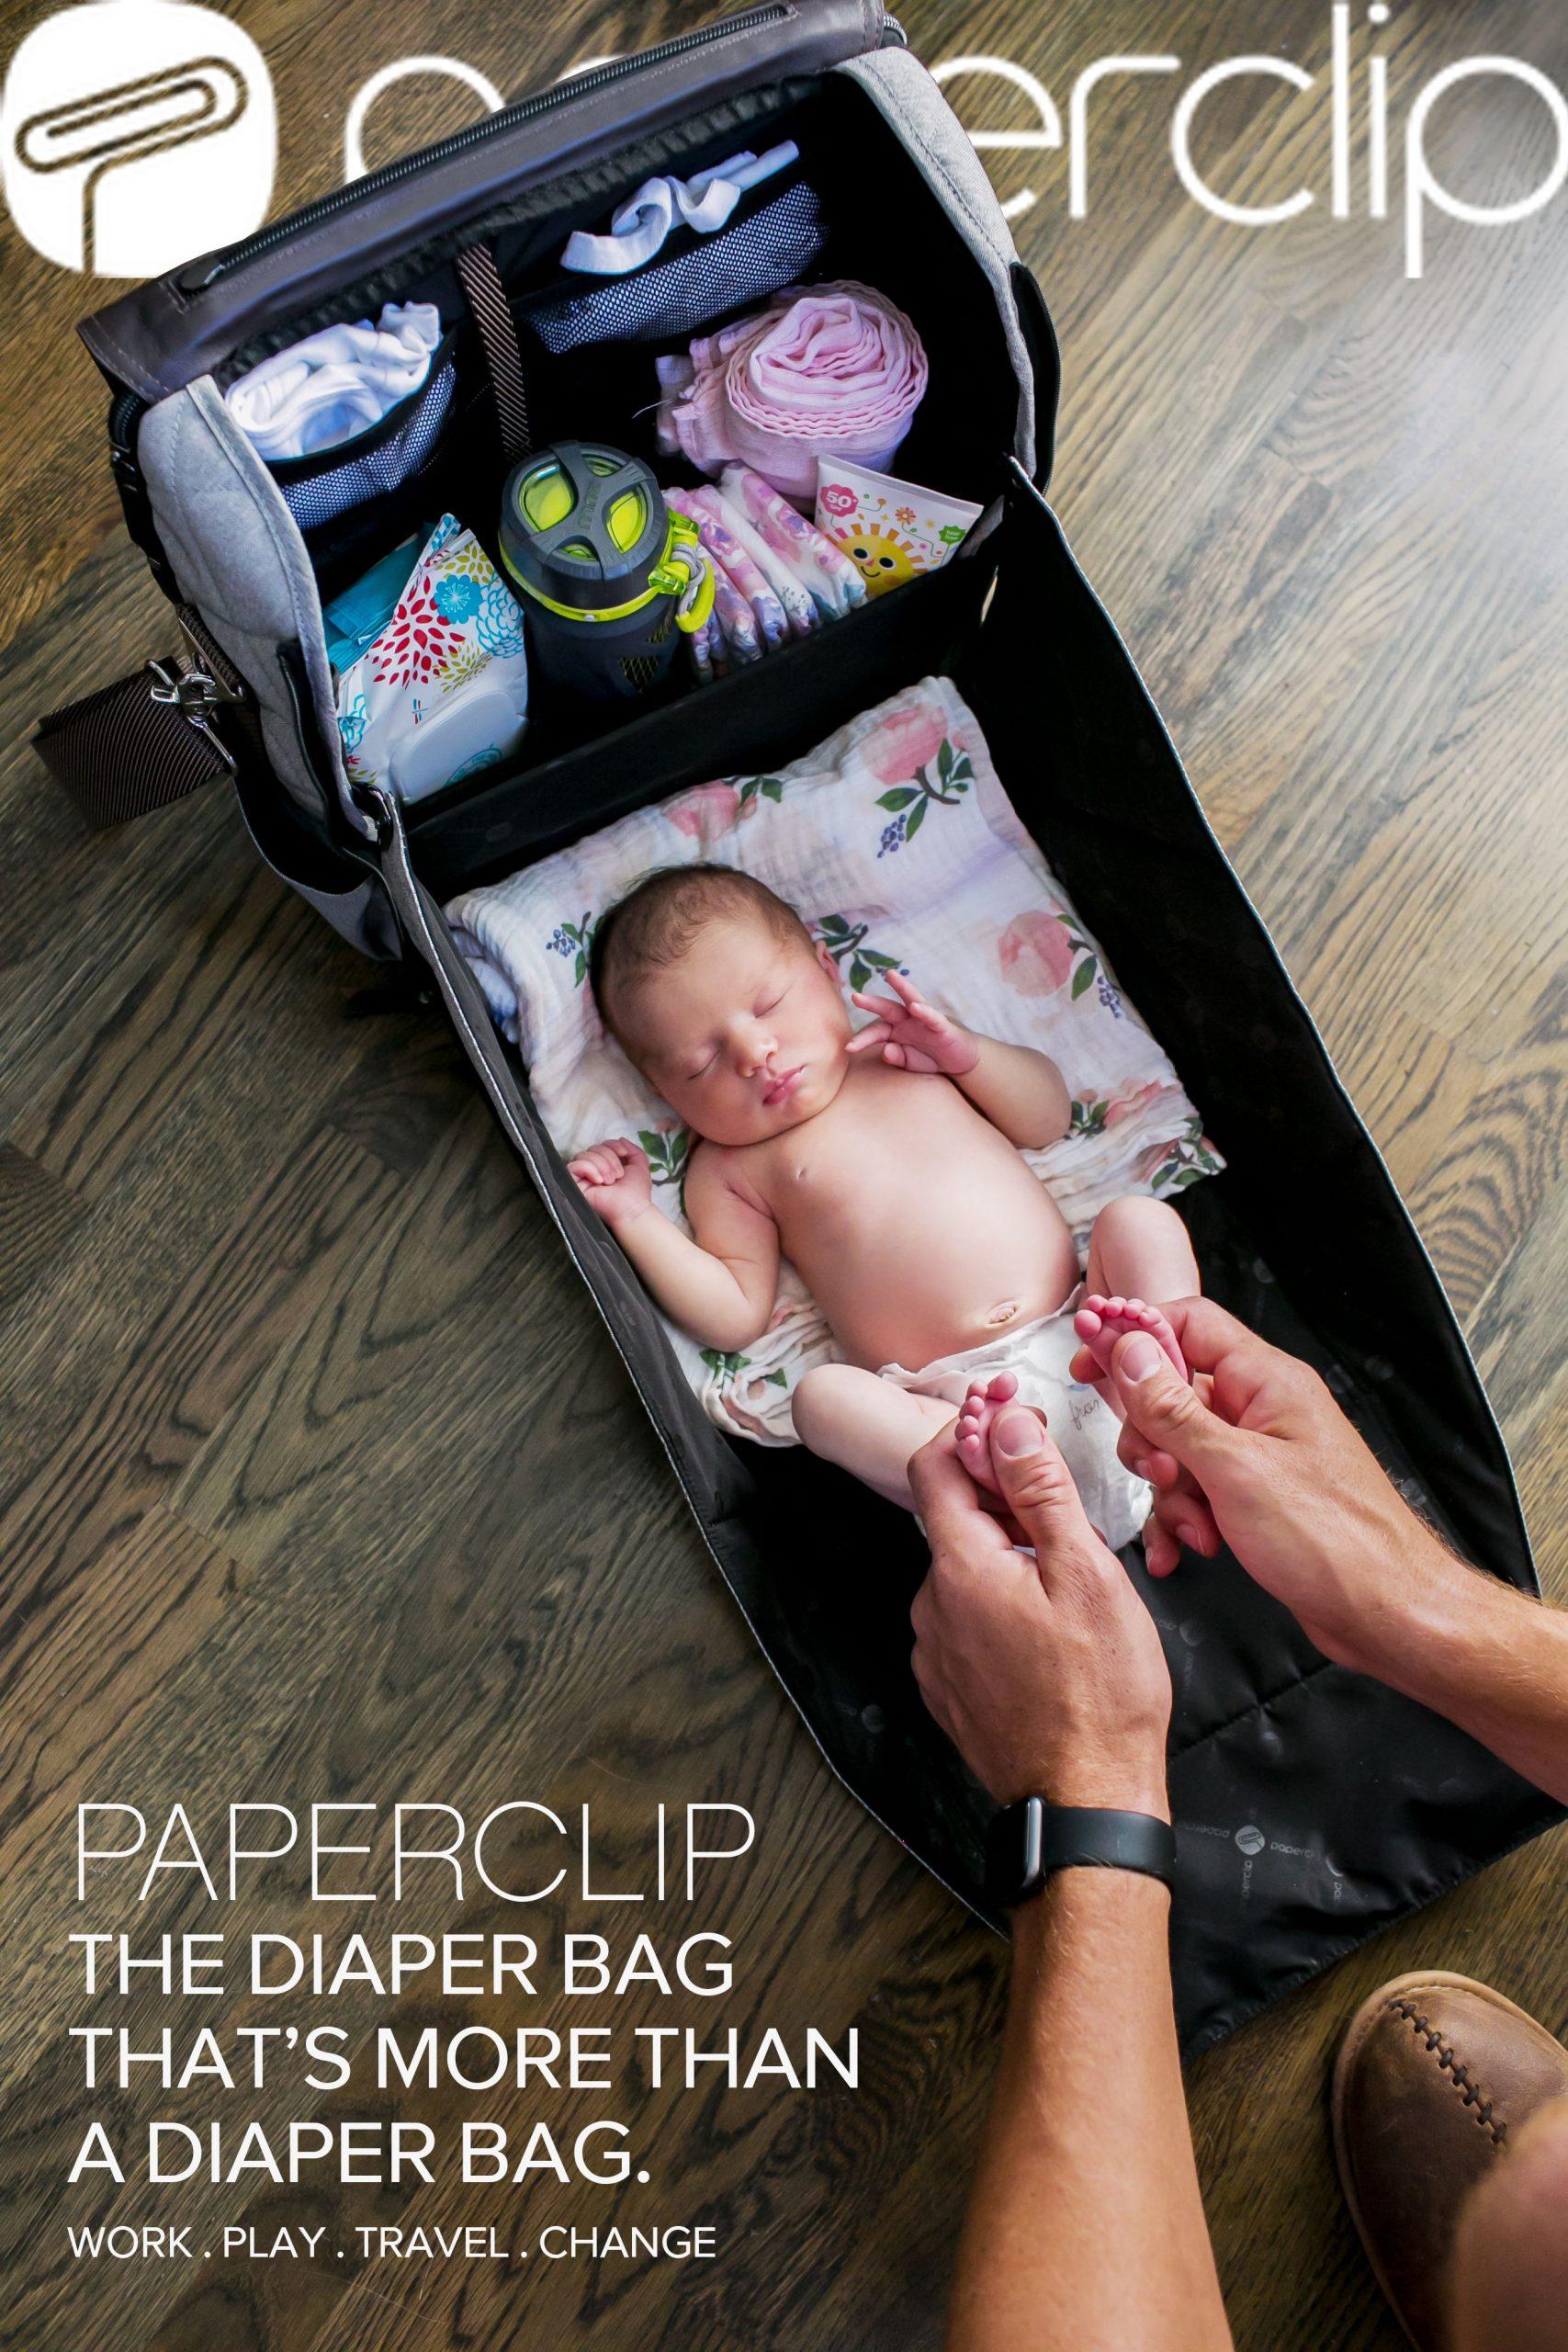 Paperclip Diaper Bags